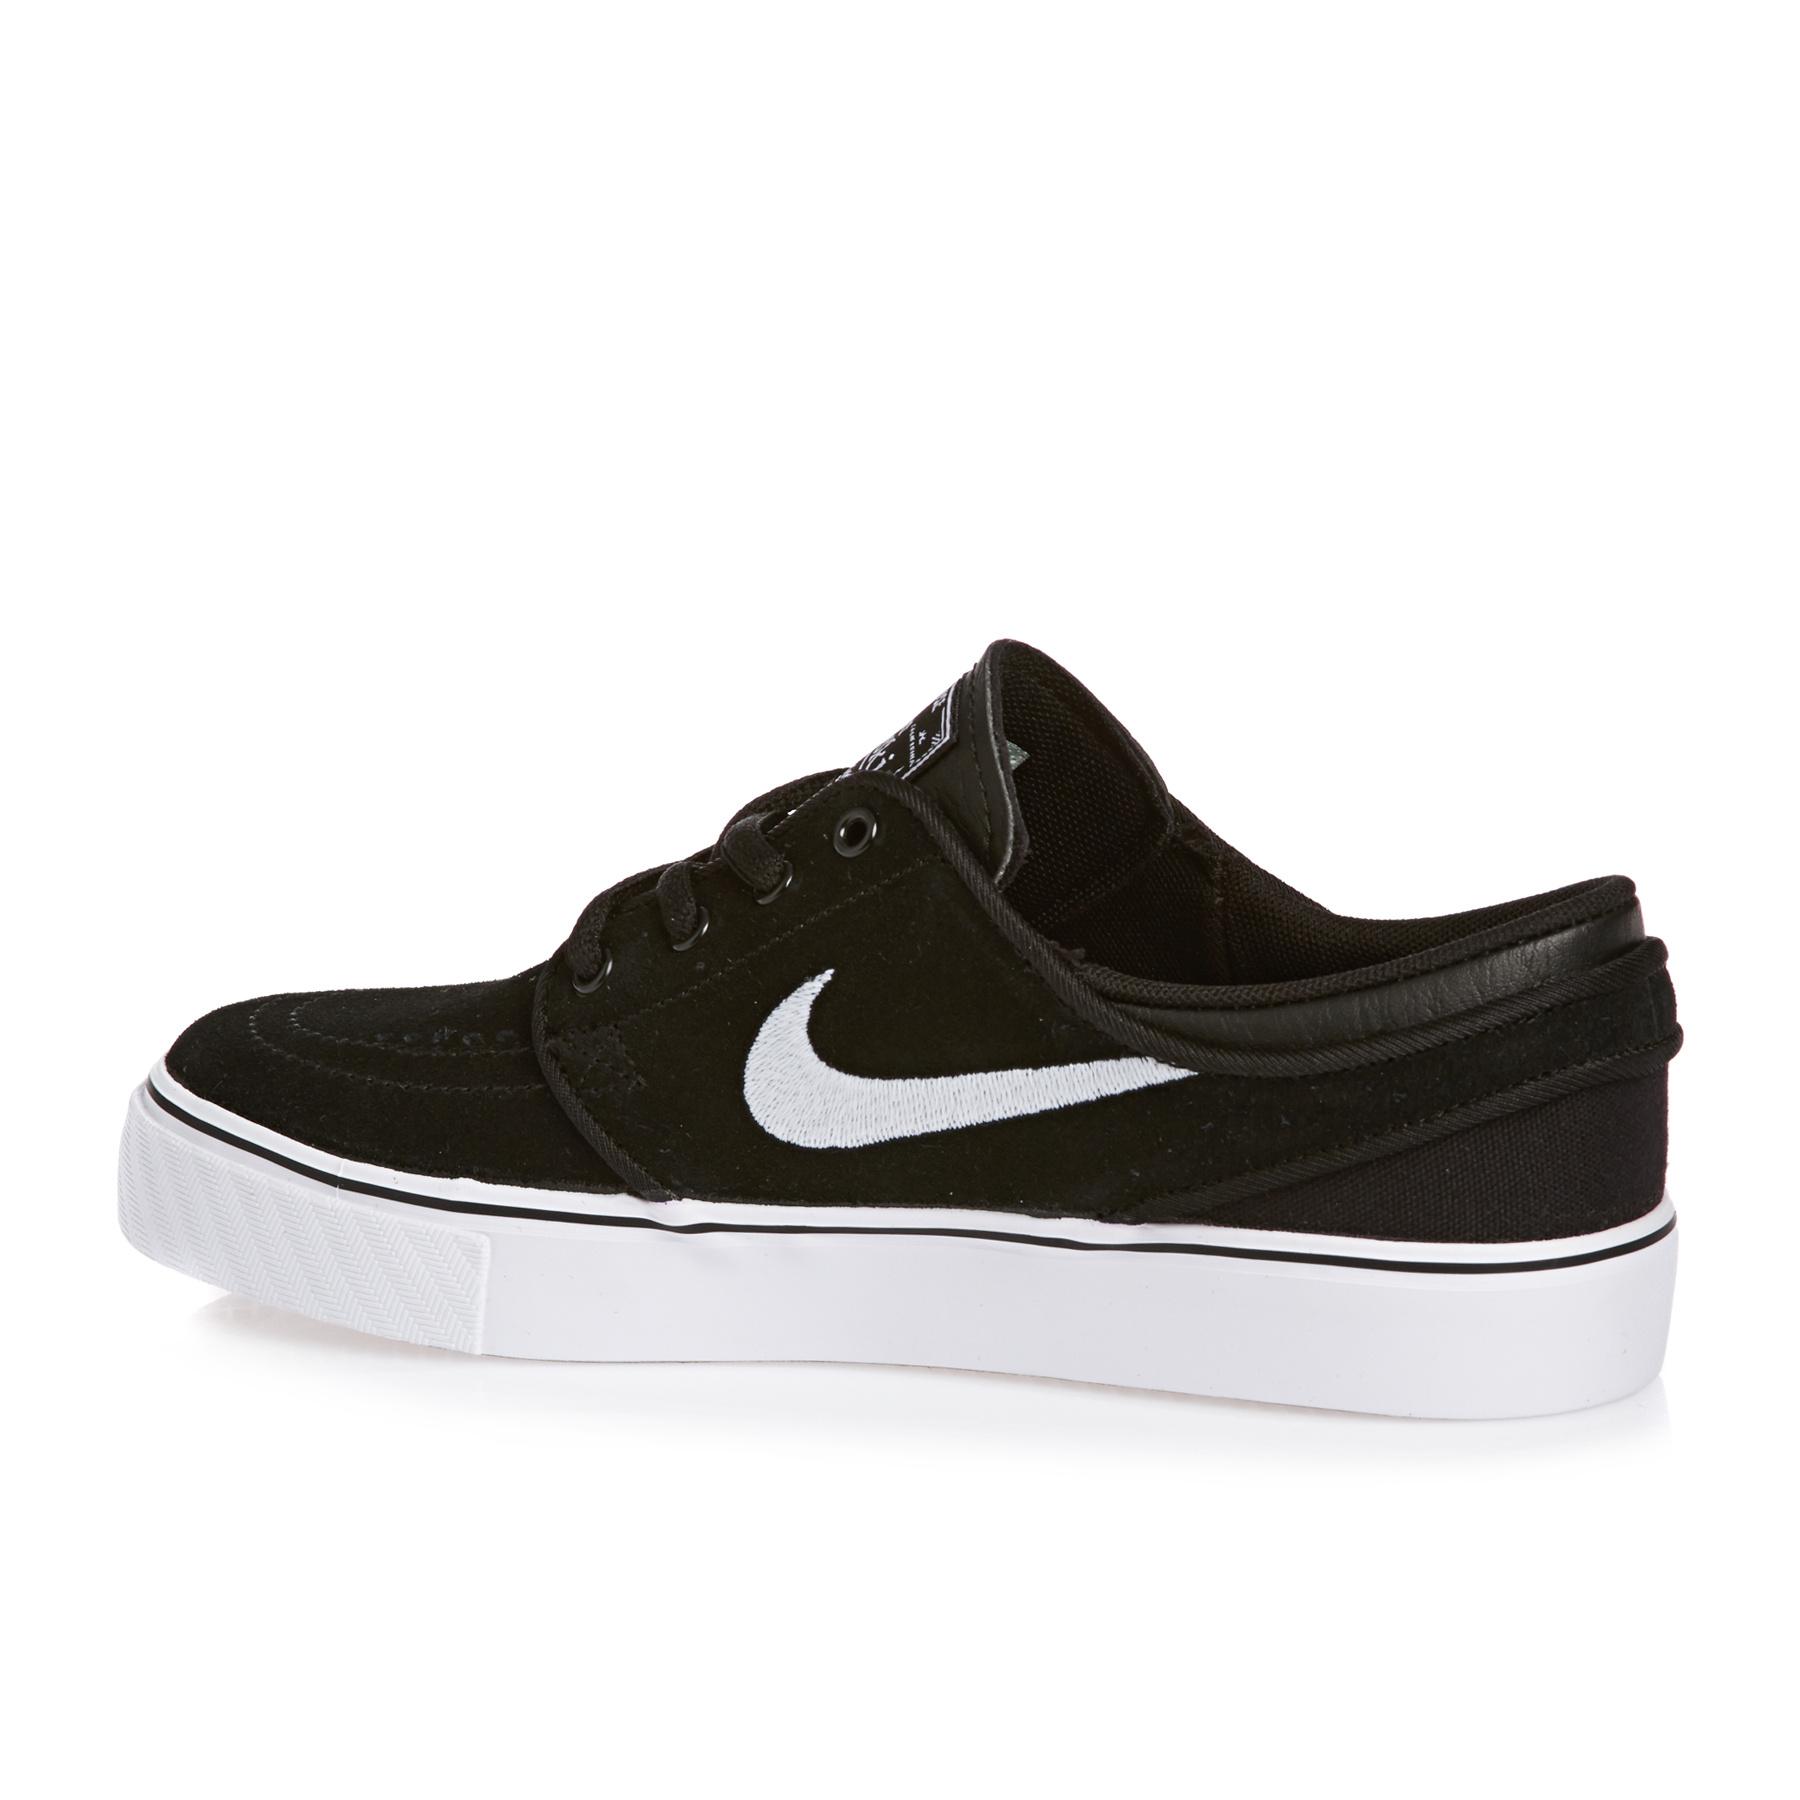 Chaussures Nike SB Stefan Janoski   Livraison gratuite dès